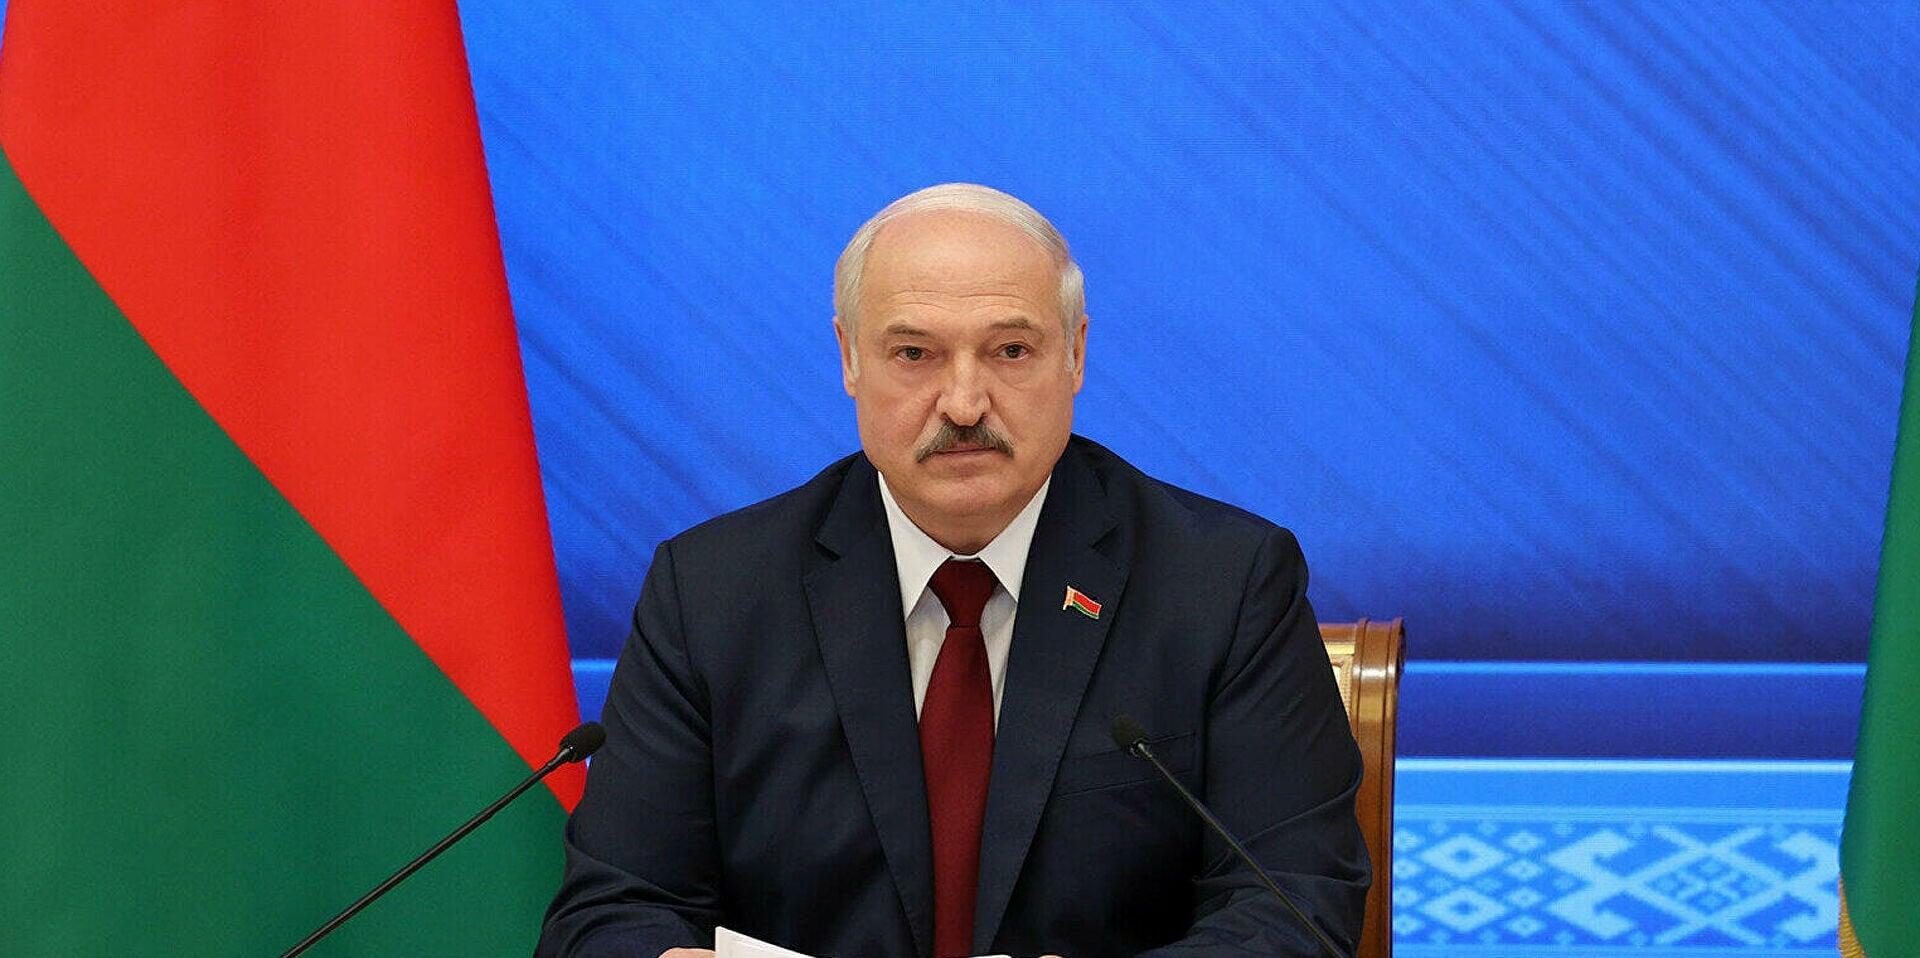 Лукашенко о кандидате на пост главы ФХБ: Великий спортсмен, но не хоккеист. Человек, прошедший политическую закалку